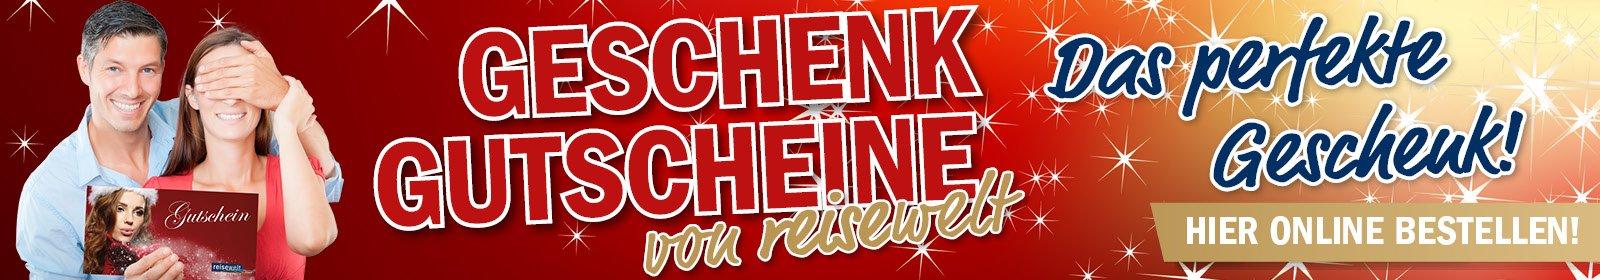 Banner Geschenkgutschein